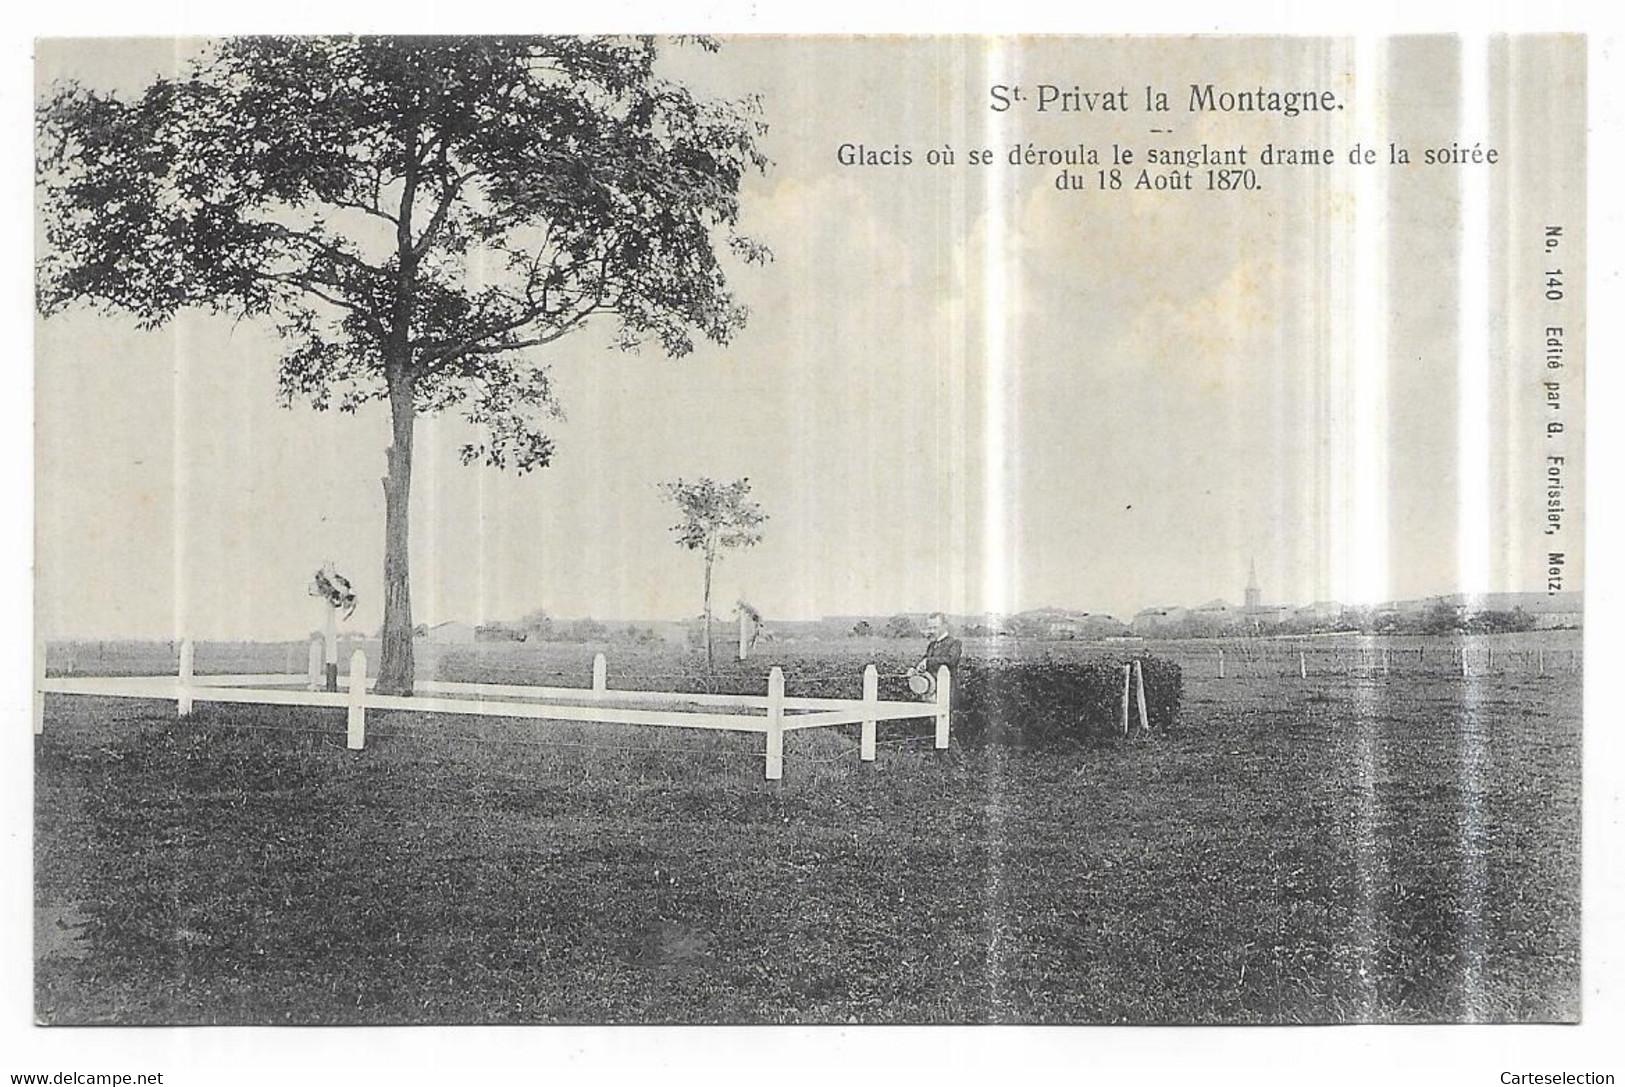 Saint Privat La Montagne Glacis Ou Se Déroula Le Sanglant Drame De La Soirée Du 18 Aout 1870 N° 140 G. Forissier, Metz - Altri Comuni